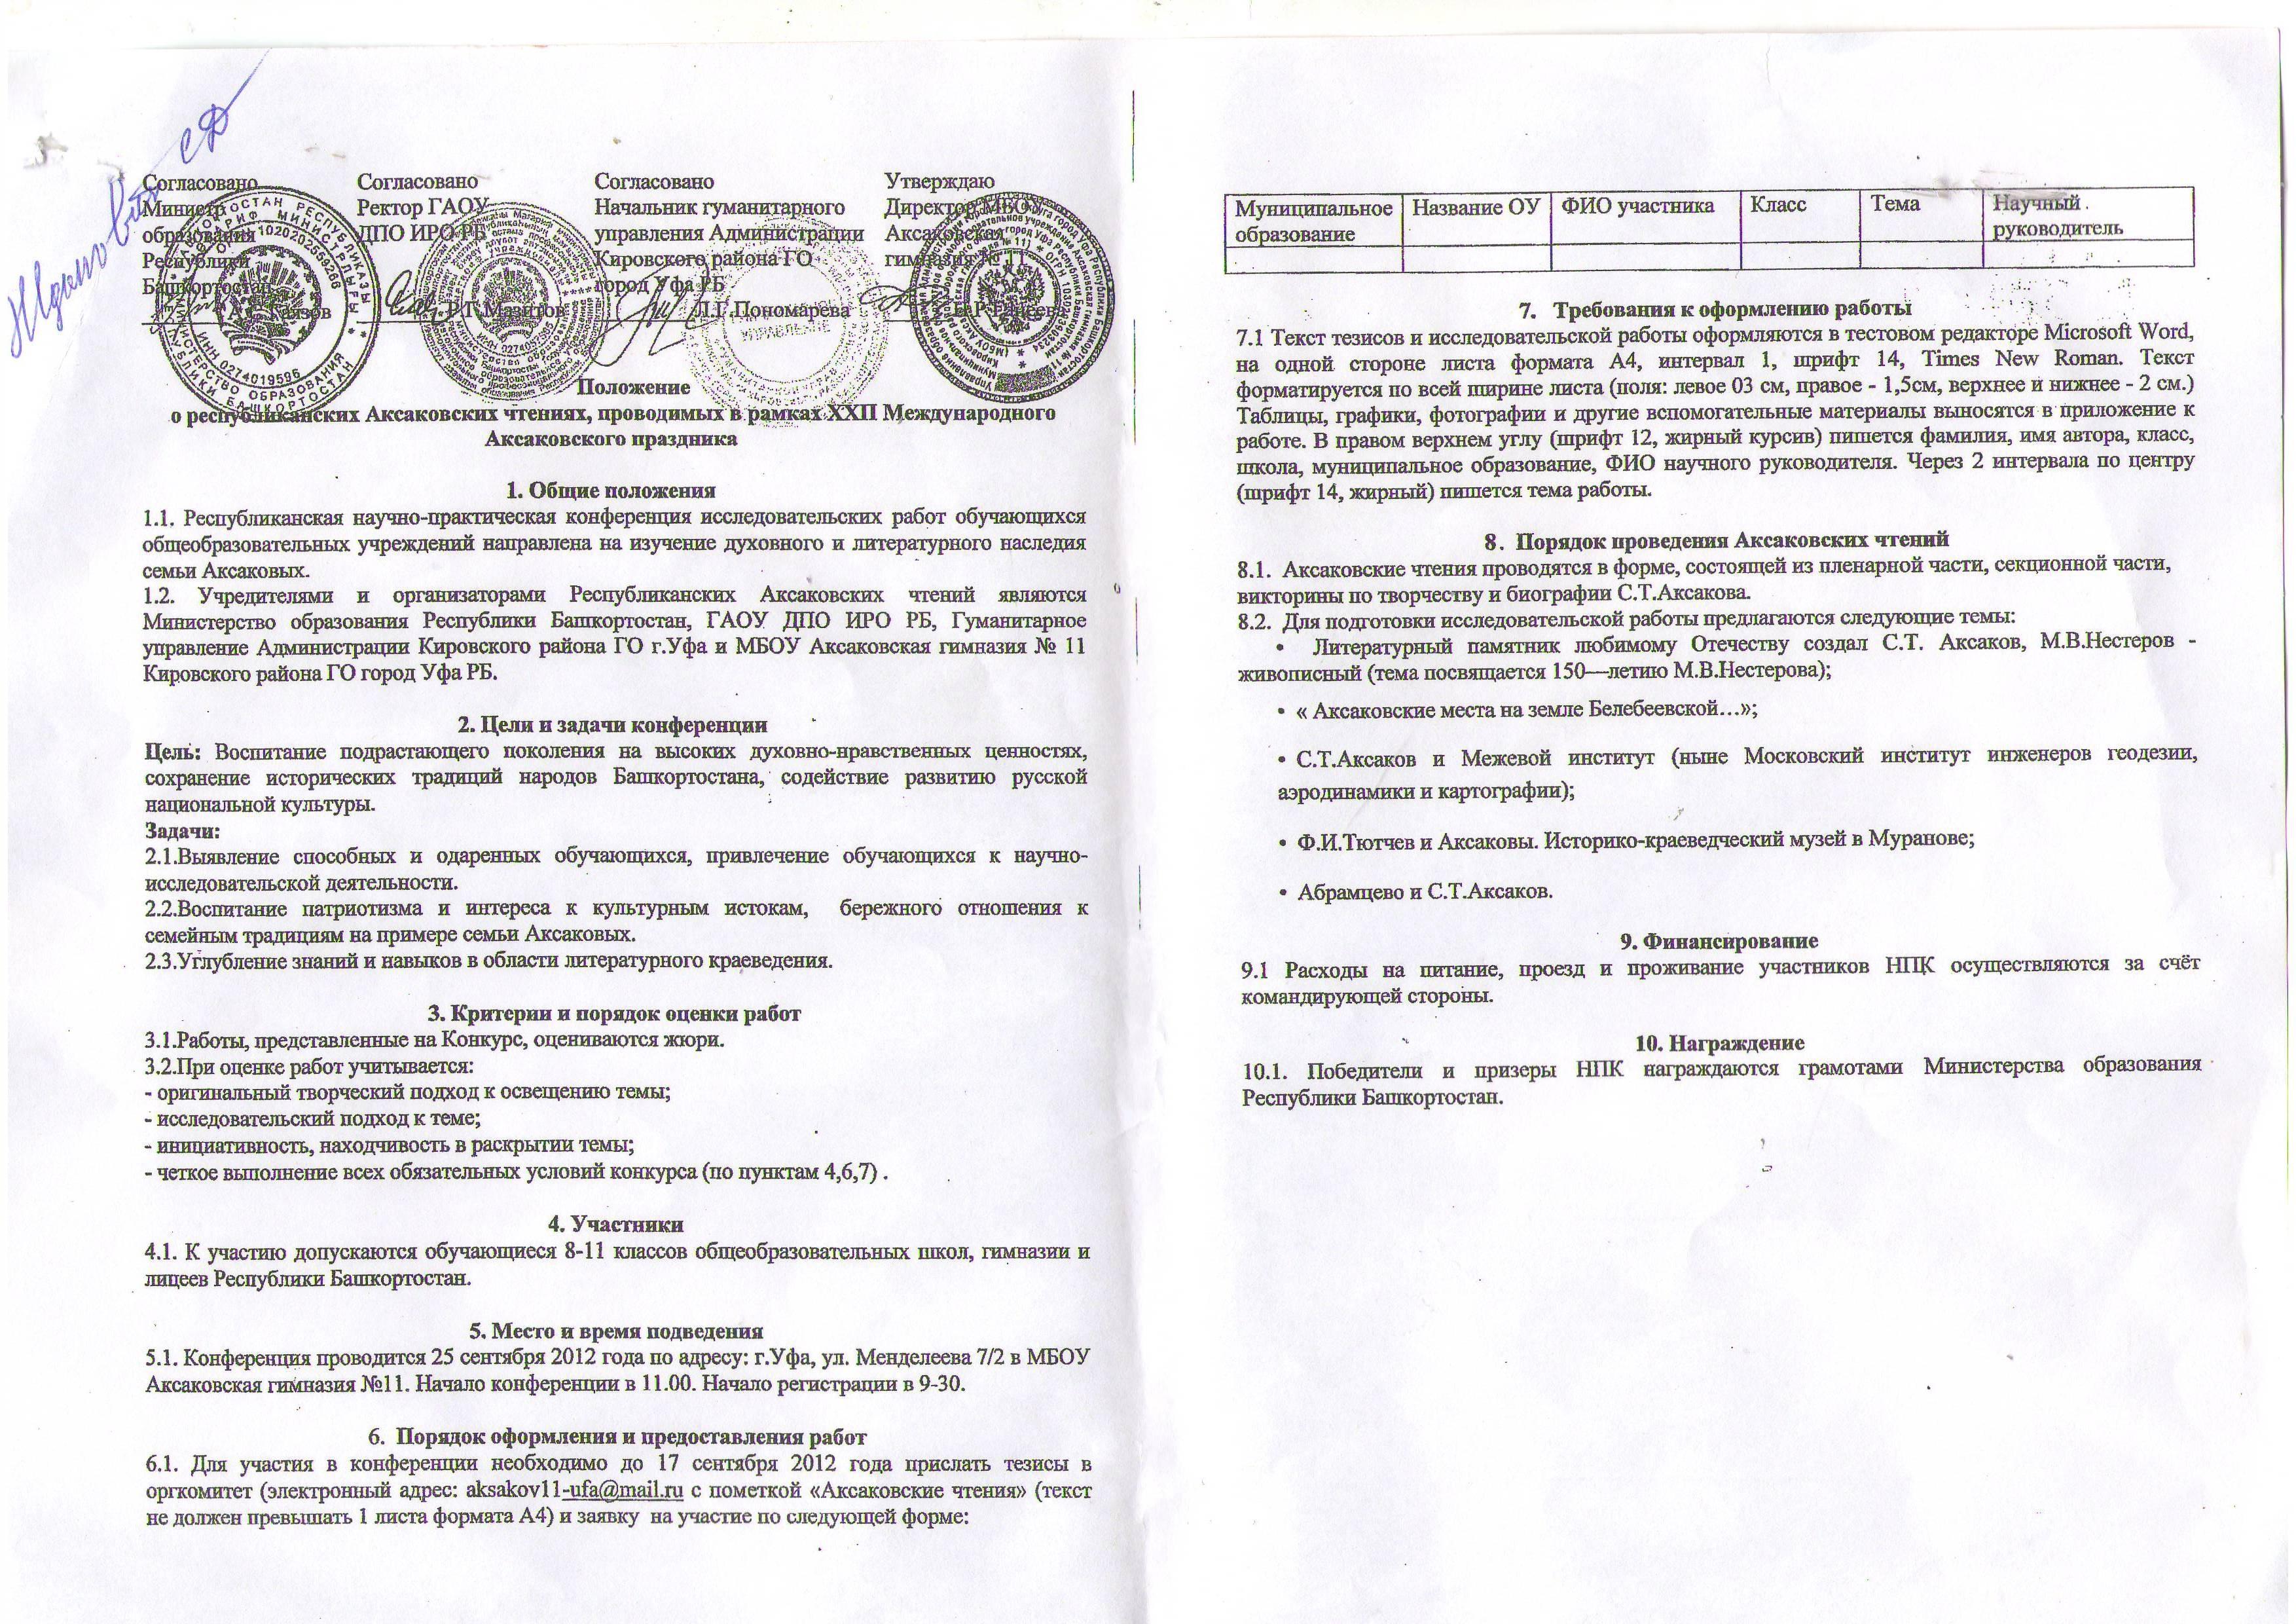 завтра 12.12.12 диагностическая работа по обществознанию 10 класс